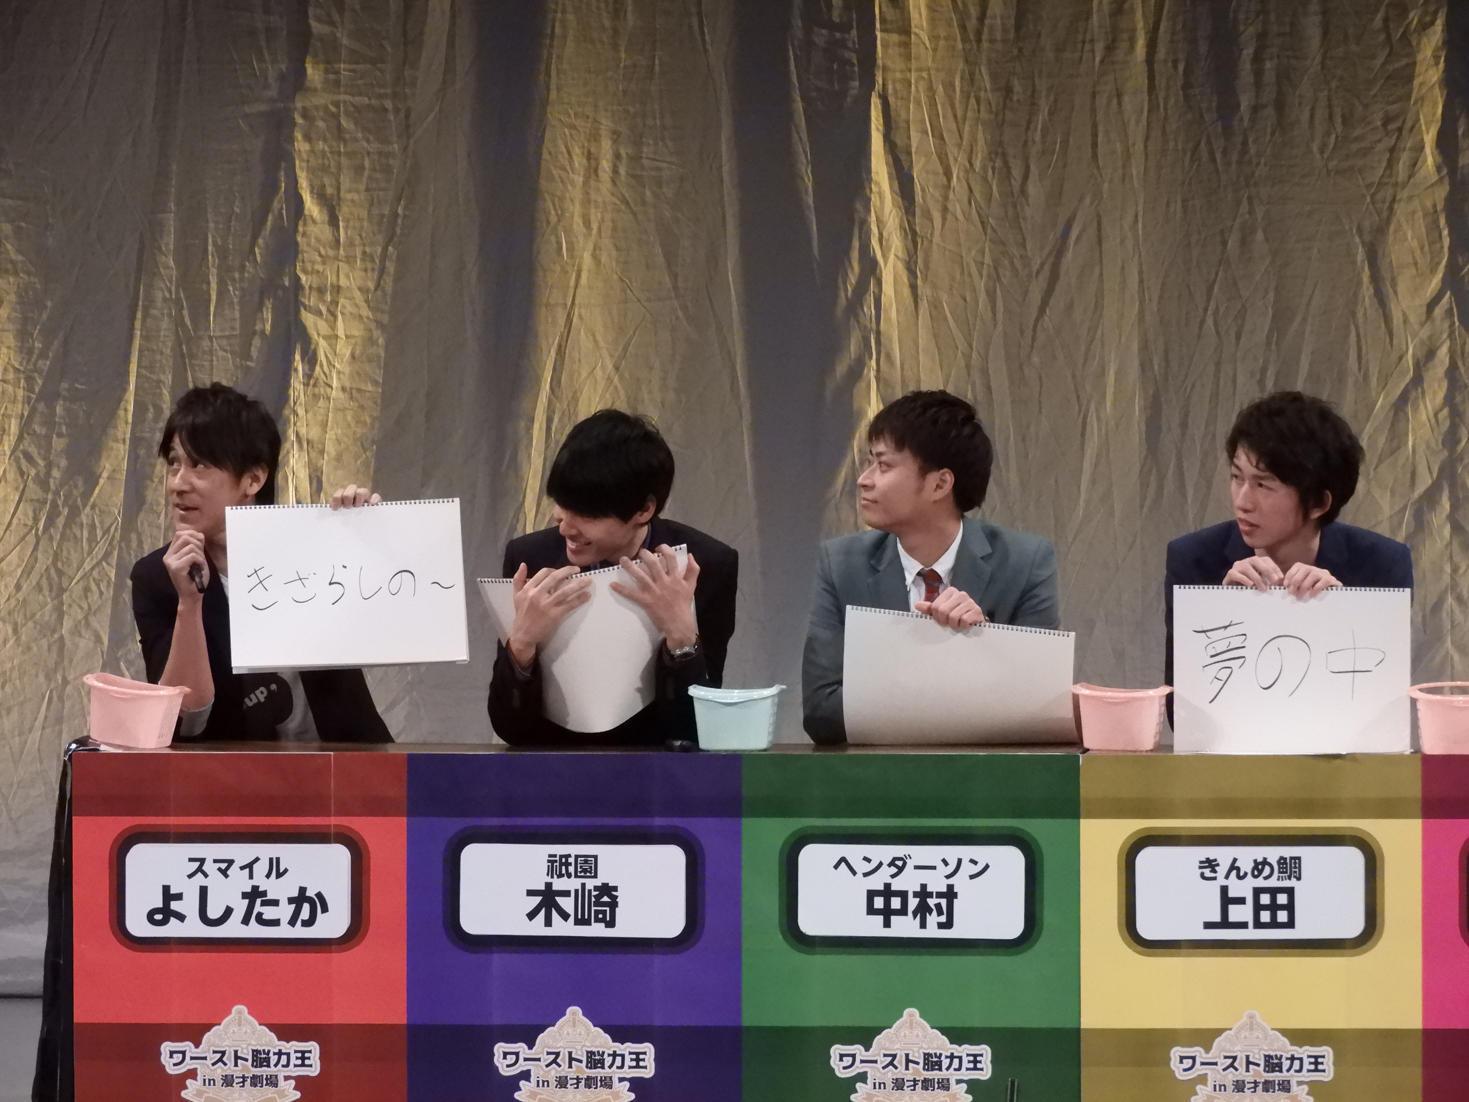 http://news.yoshimoto.co.jp/20180406112331-46095f320319e2e9a0faea3a1e6352e2757aee8d.jpg